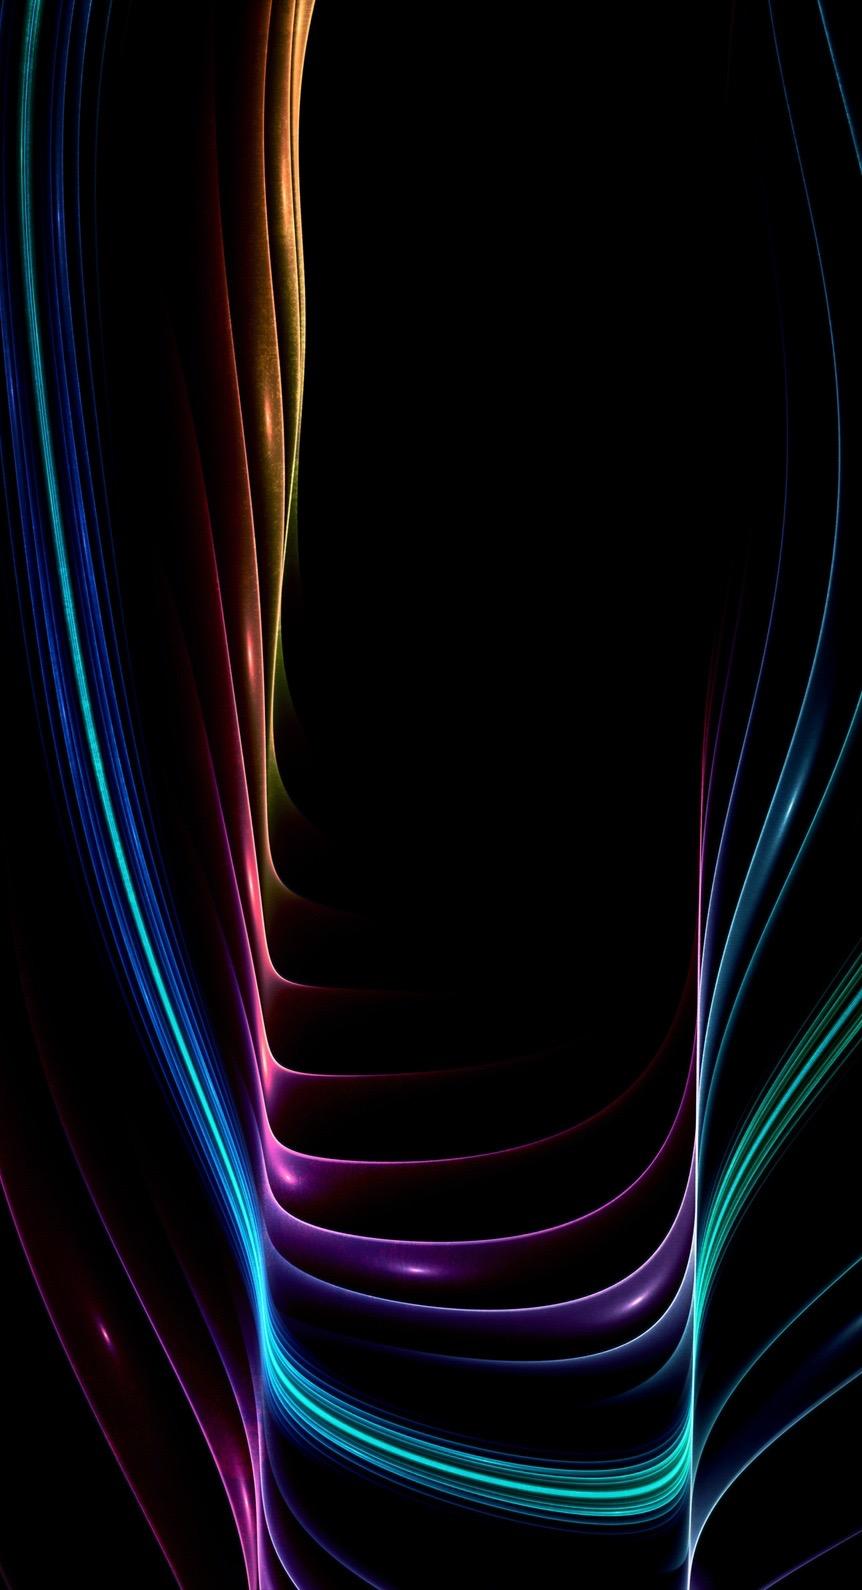 Sfondi nero iphone 6